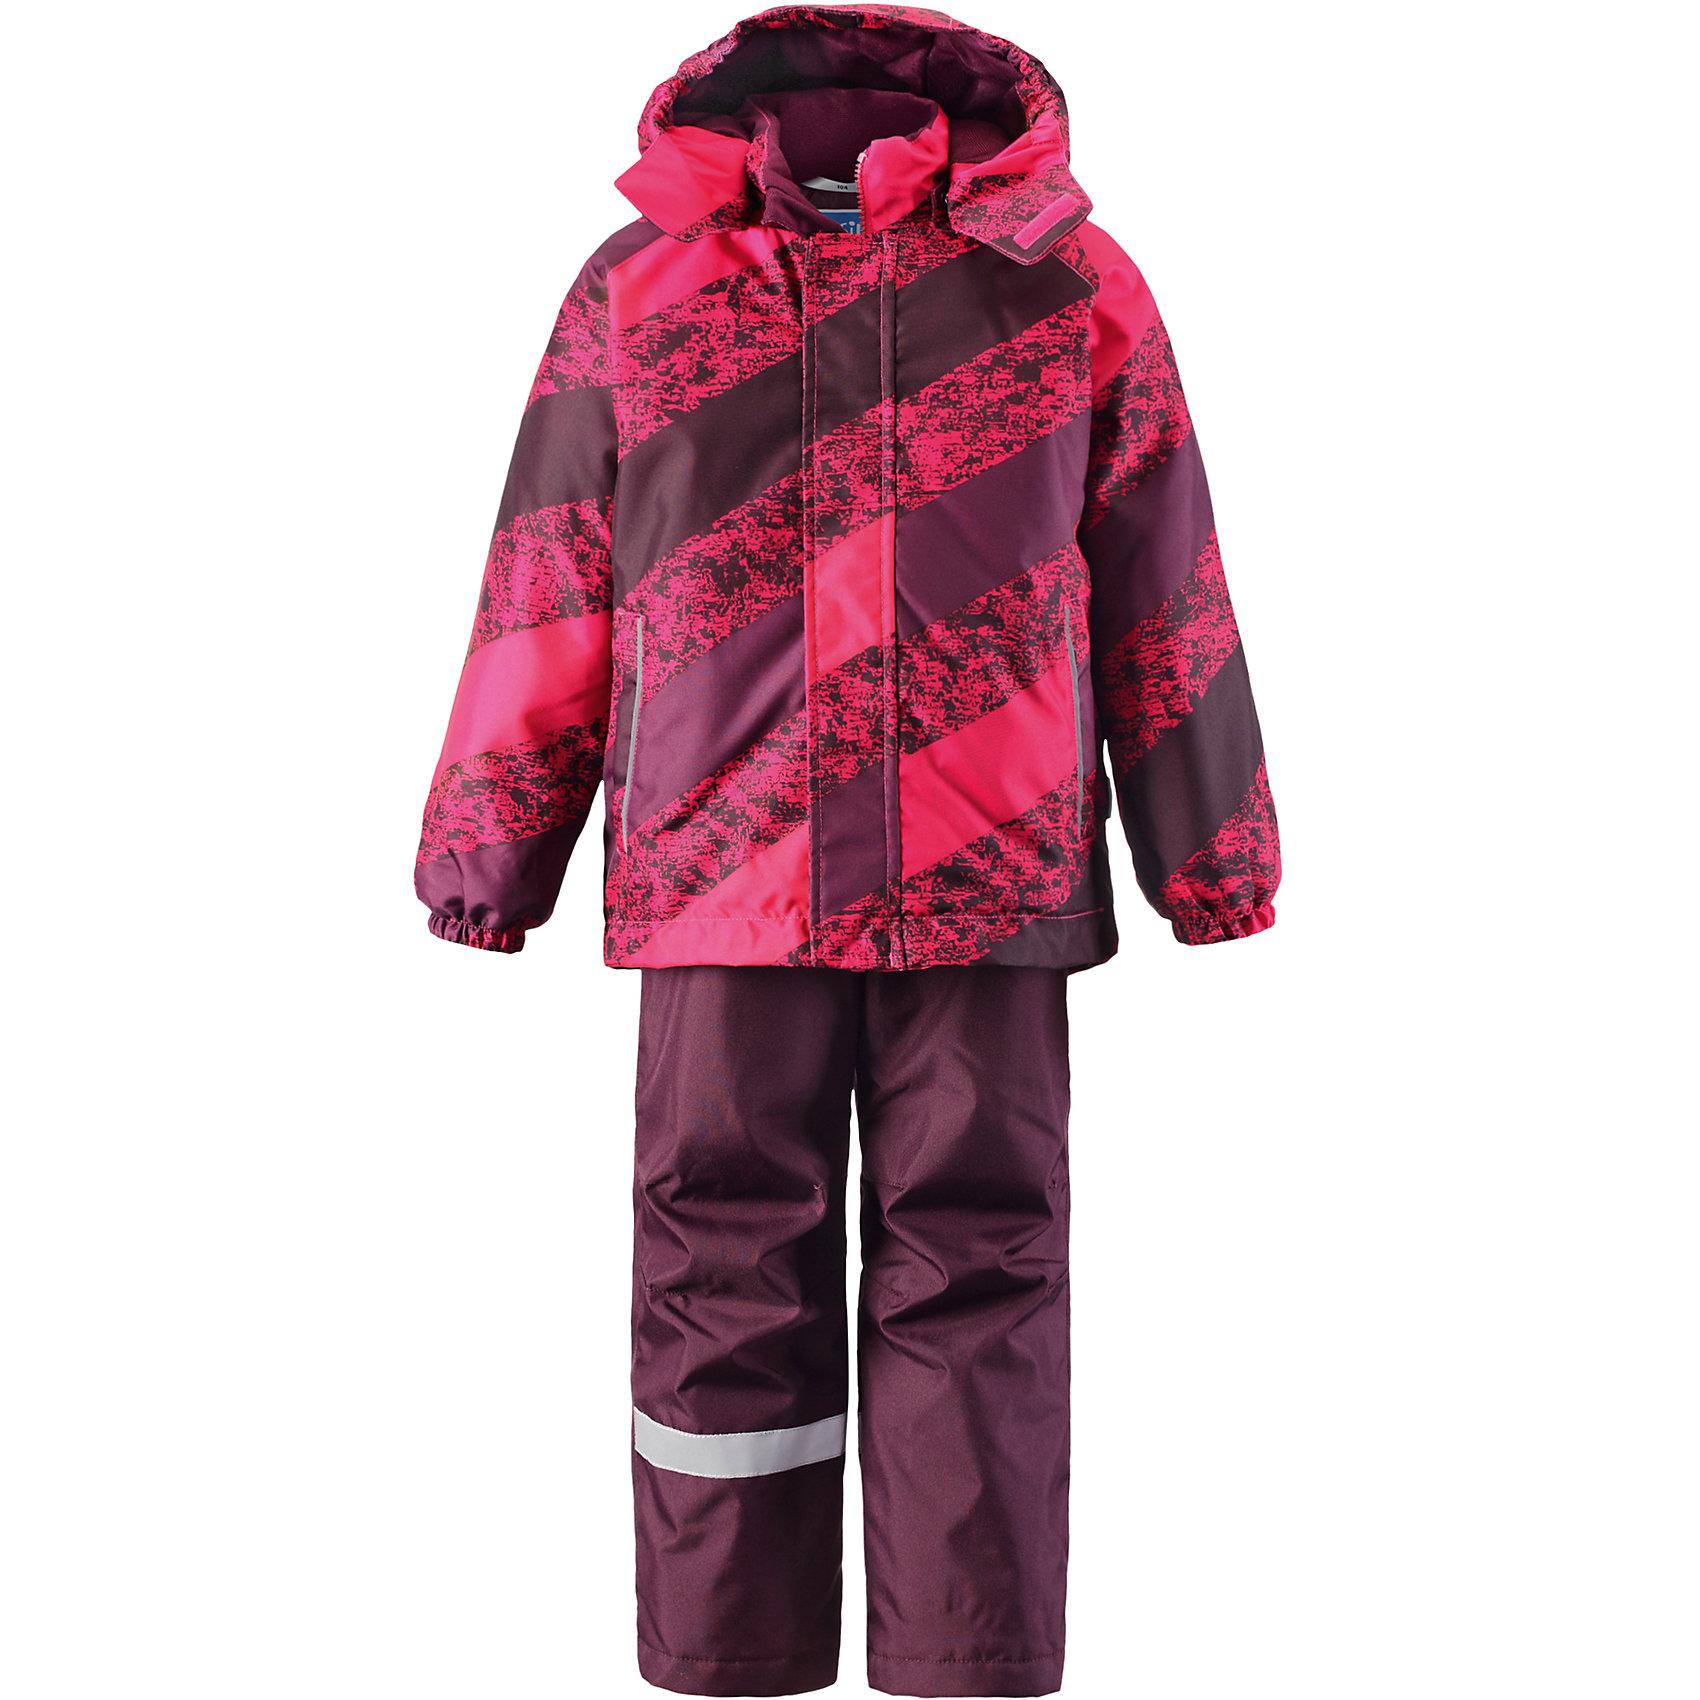 Комплект: куртка и брюки для девочки LASSIEОдежда<br>Комплект: куртка и брюки от финской марки LASSIE.<br>Зимний комплект для детей.Сверхпрочный материал.Водоотталкивающий, ветронепроницаемый, «дышащий» и грязеотталкивающий материал.Задний серединный шов брюк проклеен.Гладкая подкладка из полиэстра.Средняя степень утепления.Безопасный, съемный капюшон.Эластичные манжеты.Эластичная талия.Снегозащитные манжеты на штанинах.Ширинка на молнии.Два прорезных кармана.Регулируемые и отстегивающиеся эластичные подтяжки.Принт по всей поверхности<br>Рекомендации по уходу:Стирать по отдельности, вывернув наизнанку. Застегнуть молнии и липучки. Соблюдать температуру в соответствии с руководством по уходу. Стирать моющим средством, не содержащим отбеливающие вещества. Полоскать без специального средства. Сушение в сушильном шкафу разрешено при низкой температуре.<br>Вес утеплителя:100; 180<br>Состав:<br>100% ПЭ, ПУ-покрытие<br><br>Ширина мм: 356<br>Глубина мм: 10<br>Высота мм: 245<br>Вес г: 519<br>Цвет: розовый<br>Возраст от месяцев: 18<br>Возраст до месяцев: 24<br>Пол: Женский<br>Возраст: Детский<br>Размер: 116,122,92,128,104,134,98,140,110<br>SKU: 5032756